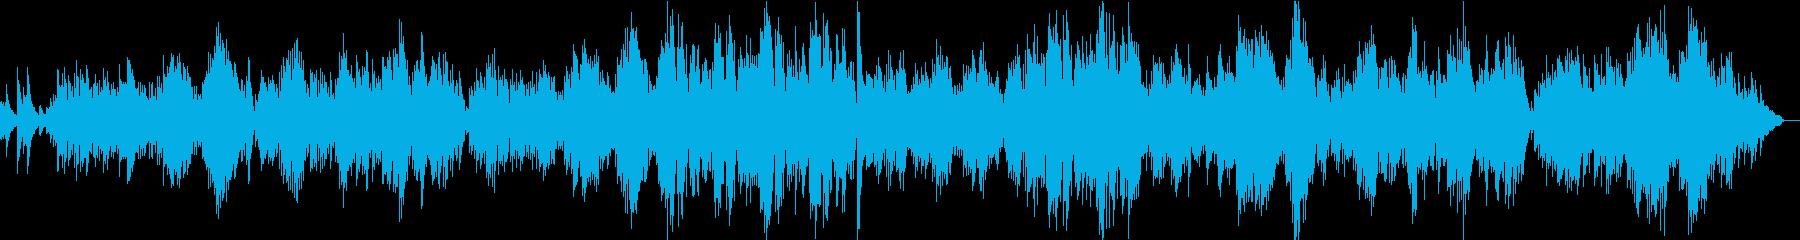 サティのピアノ曲 「ジュ・トゥ・ヴー」の再生済みの波形